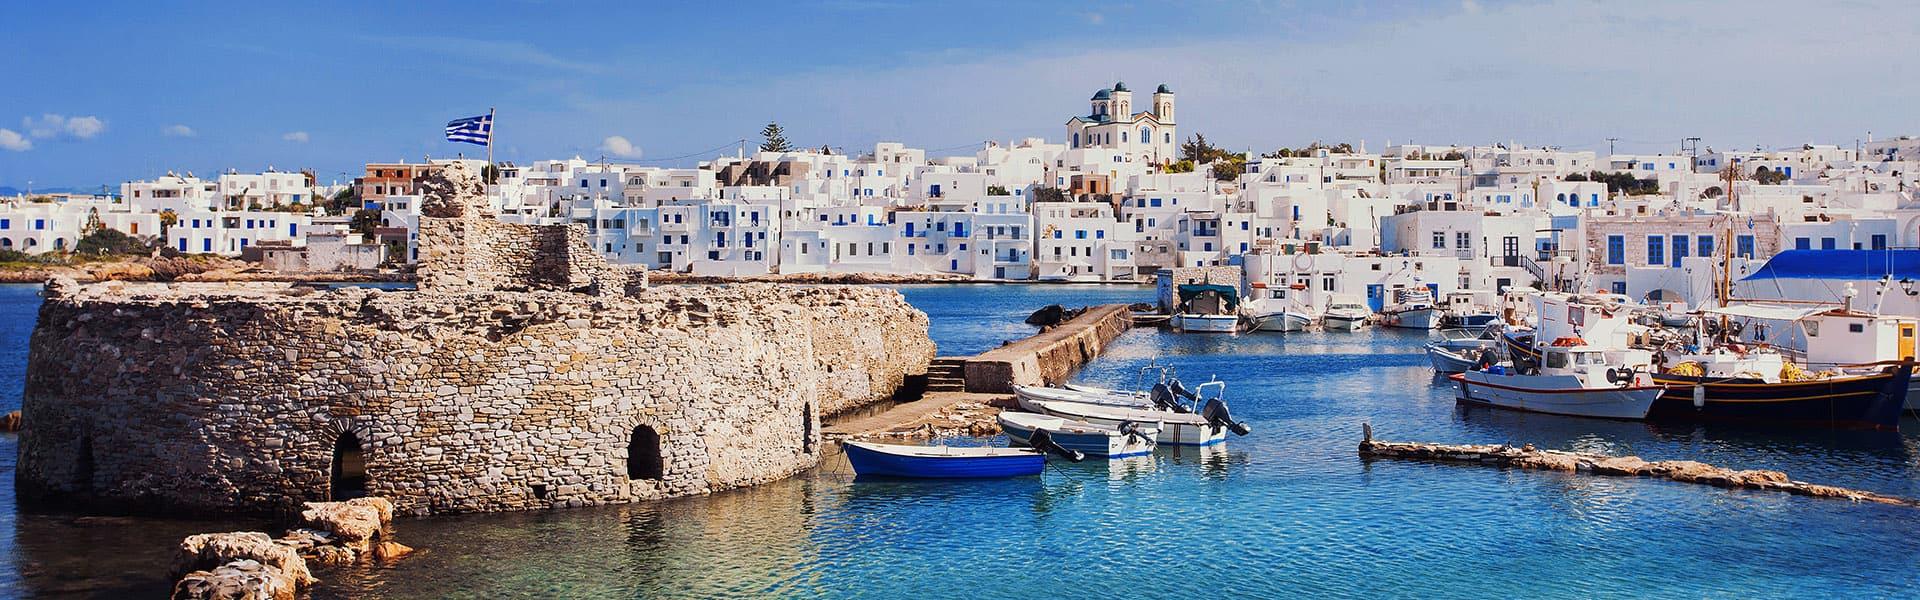 Griechische Inseln: Santorin, Athen und Kroatien nach Venedig